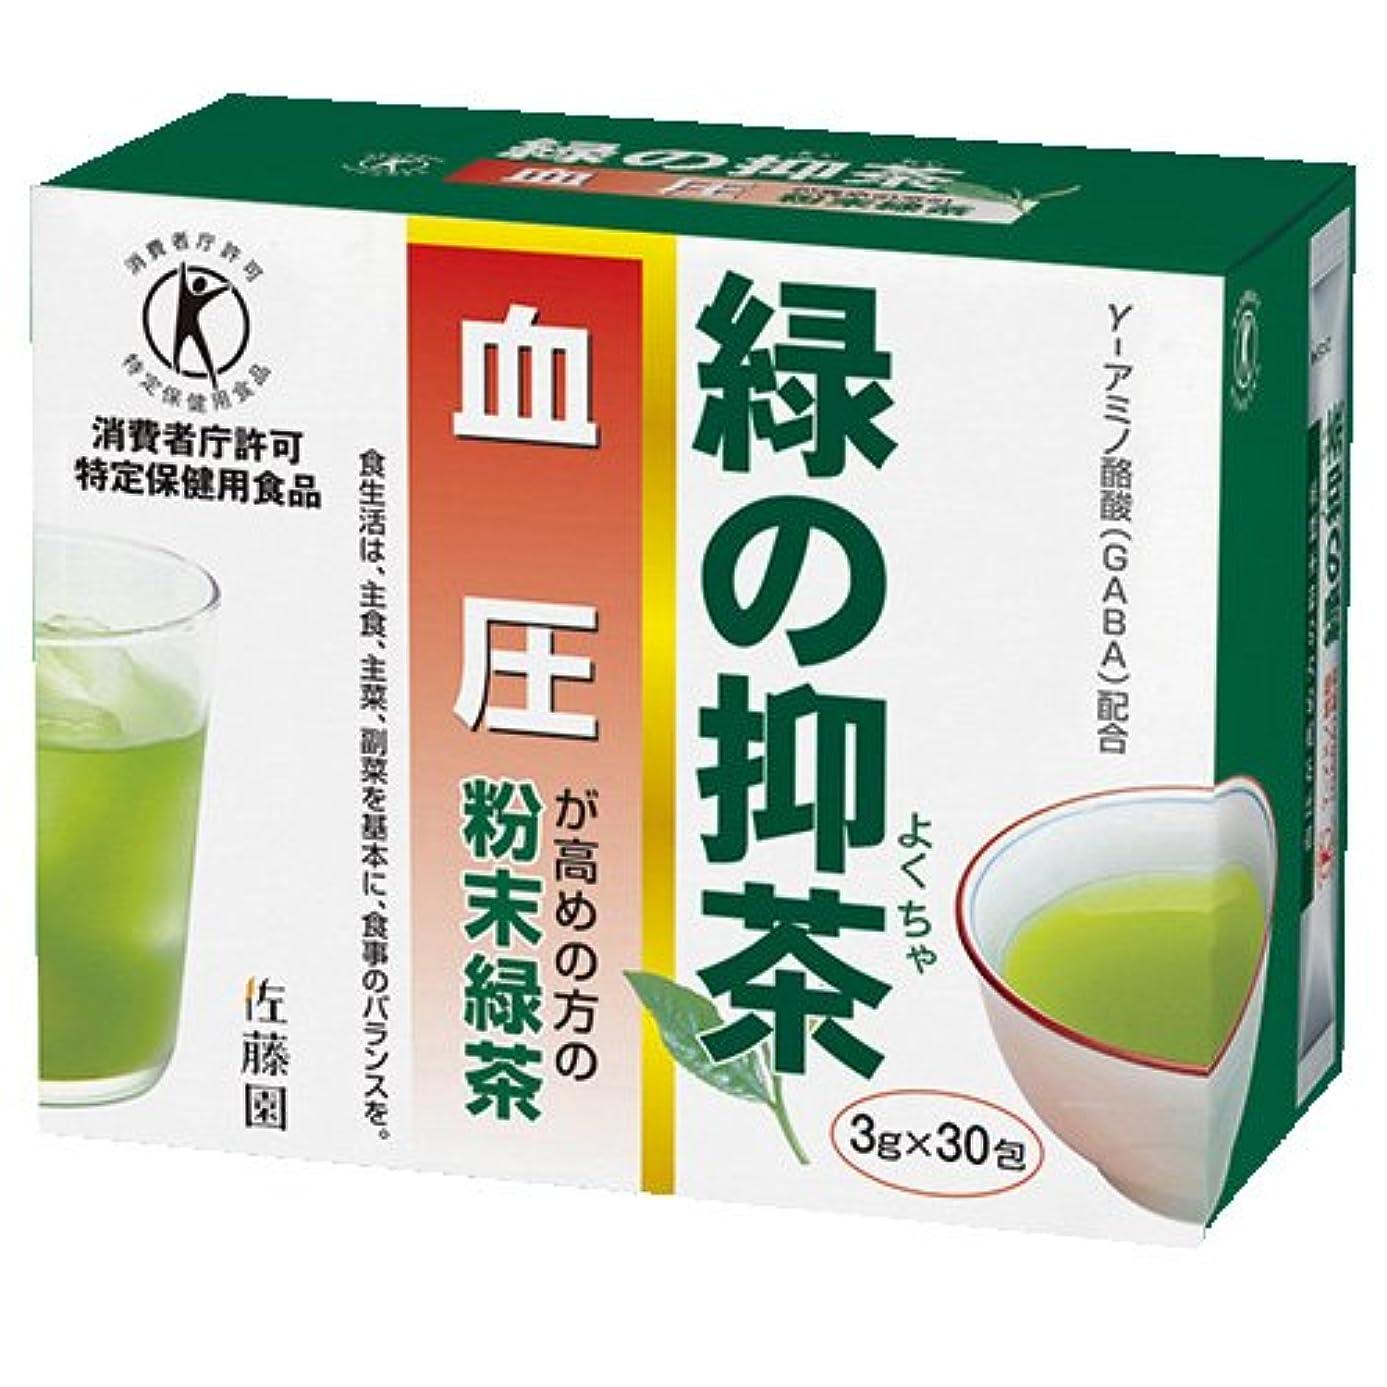 神話アーサーコナンドイルサラミ佐藤園のトクホのお茶 緑の抑茶(血圧) 30包 [特定保健用食品]